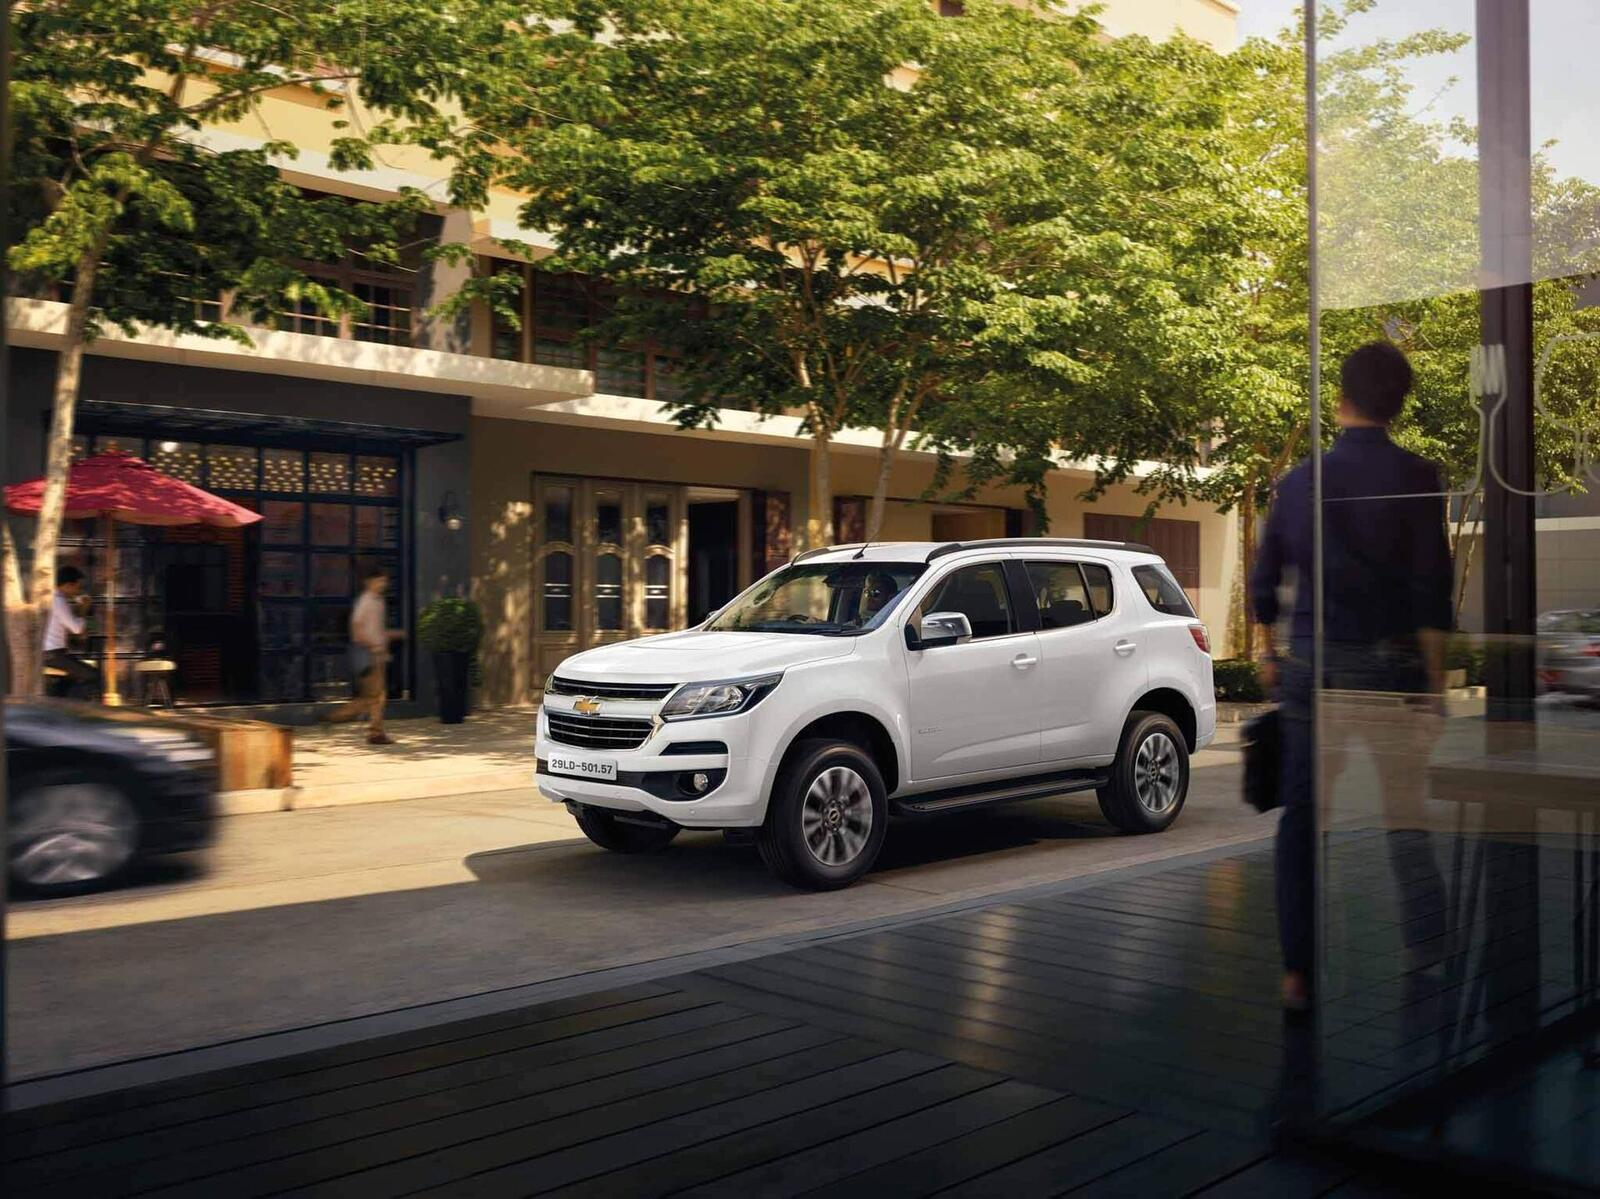 So sánh giá bán của Toyota Fortuner và Chevrolet Trailblazer - Hình 5